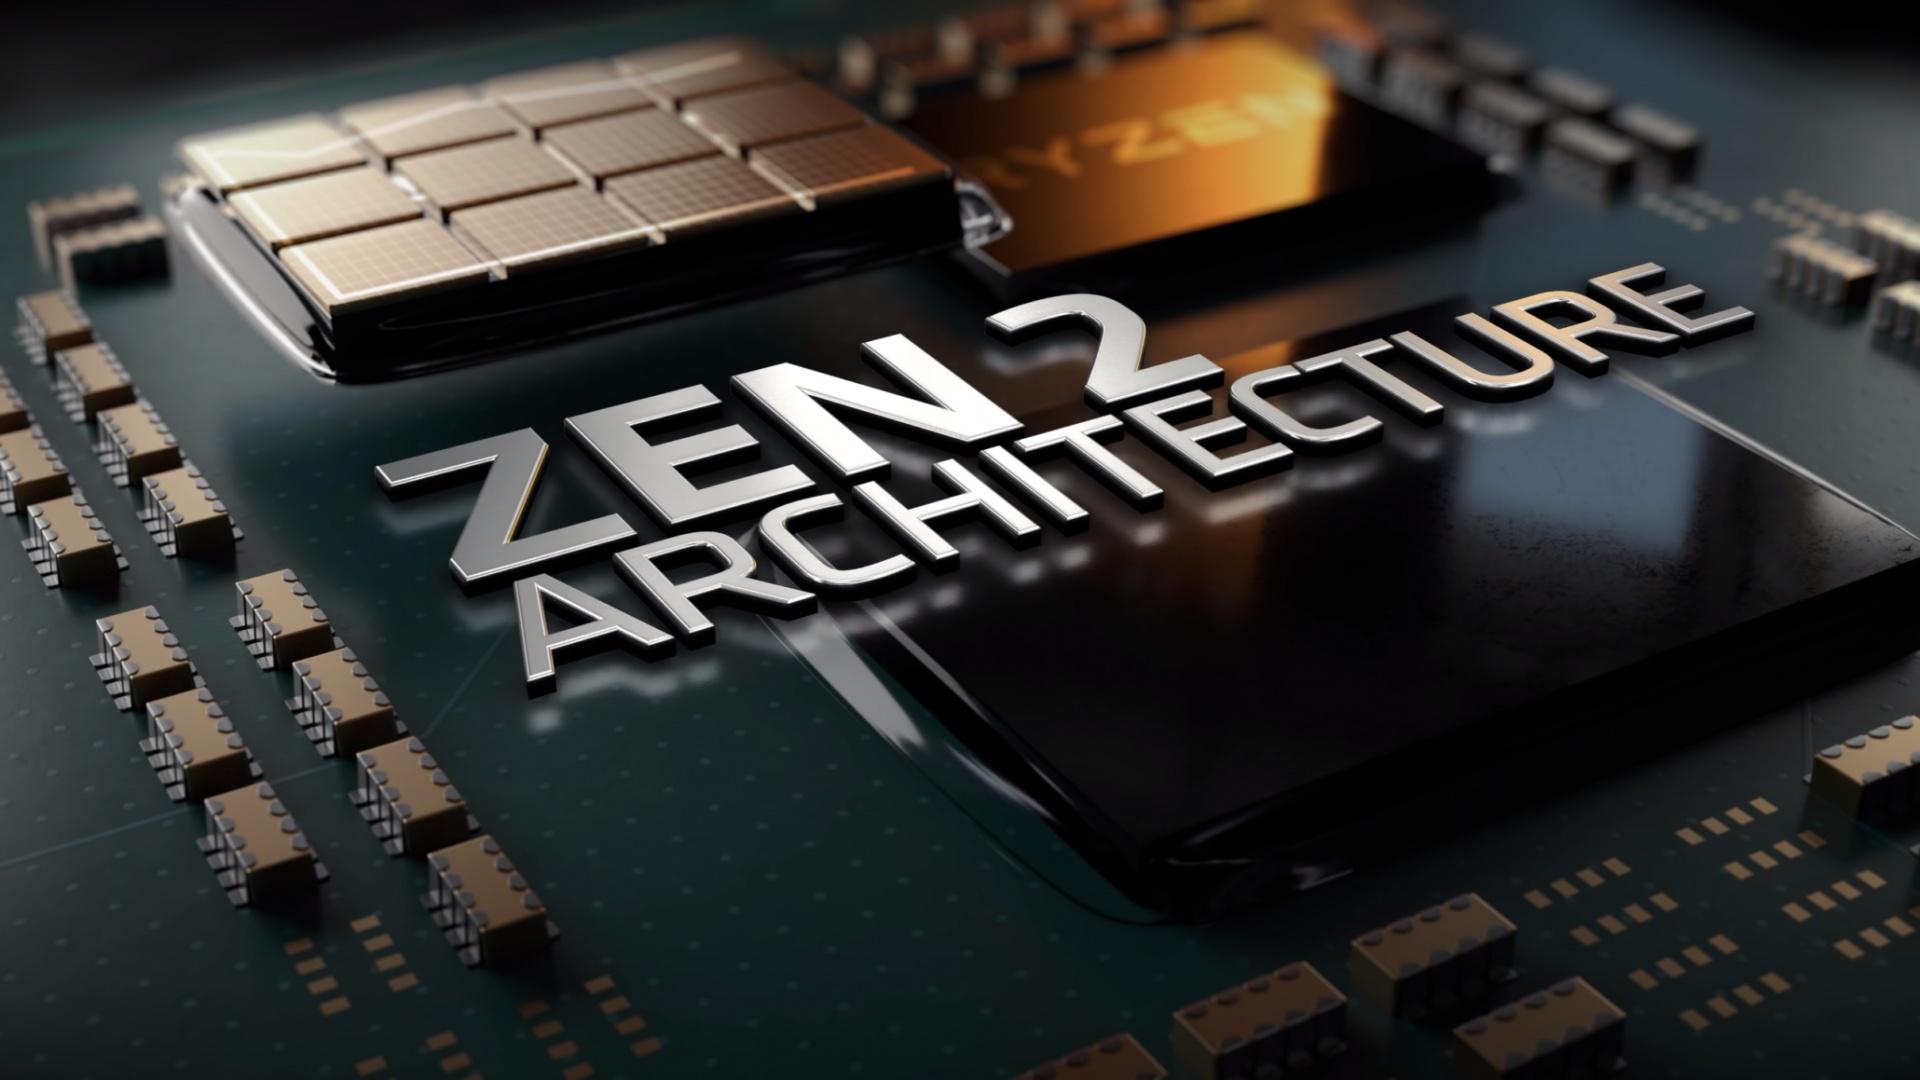 Энтузиасты разогнали процессор AMD Ryzen9 3950X до5 ГГц по всем ядрам